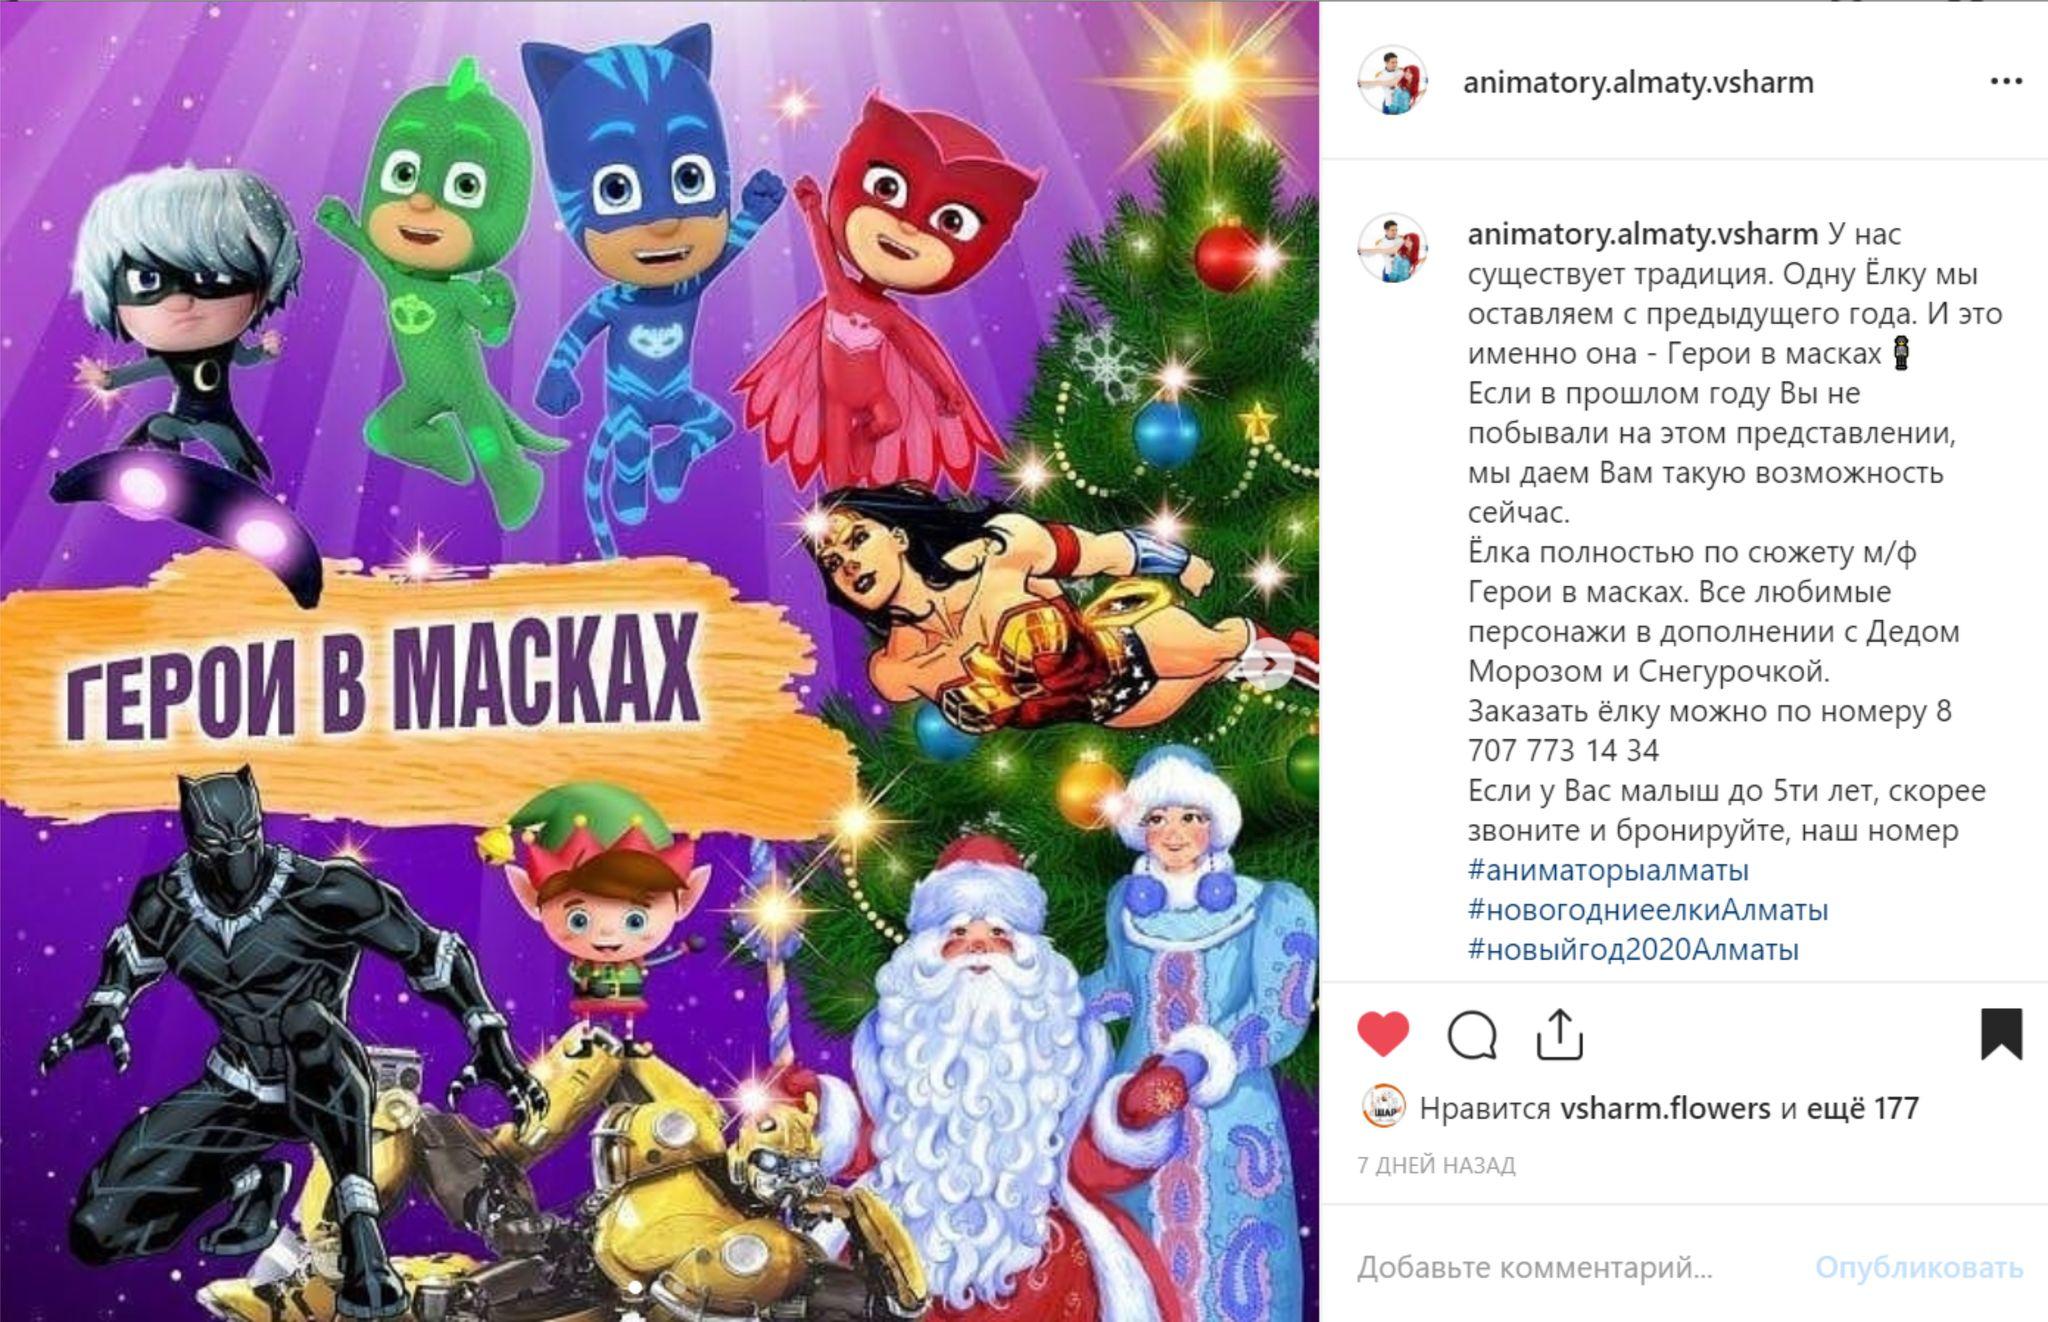 У нас открыт прием заявок на проведение новогодних утренников в школах и детсадах 🤗 В новый 2020 год мы предлагаем спектакли:  ✔ Герои в масках